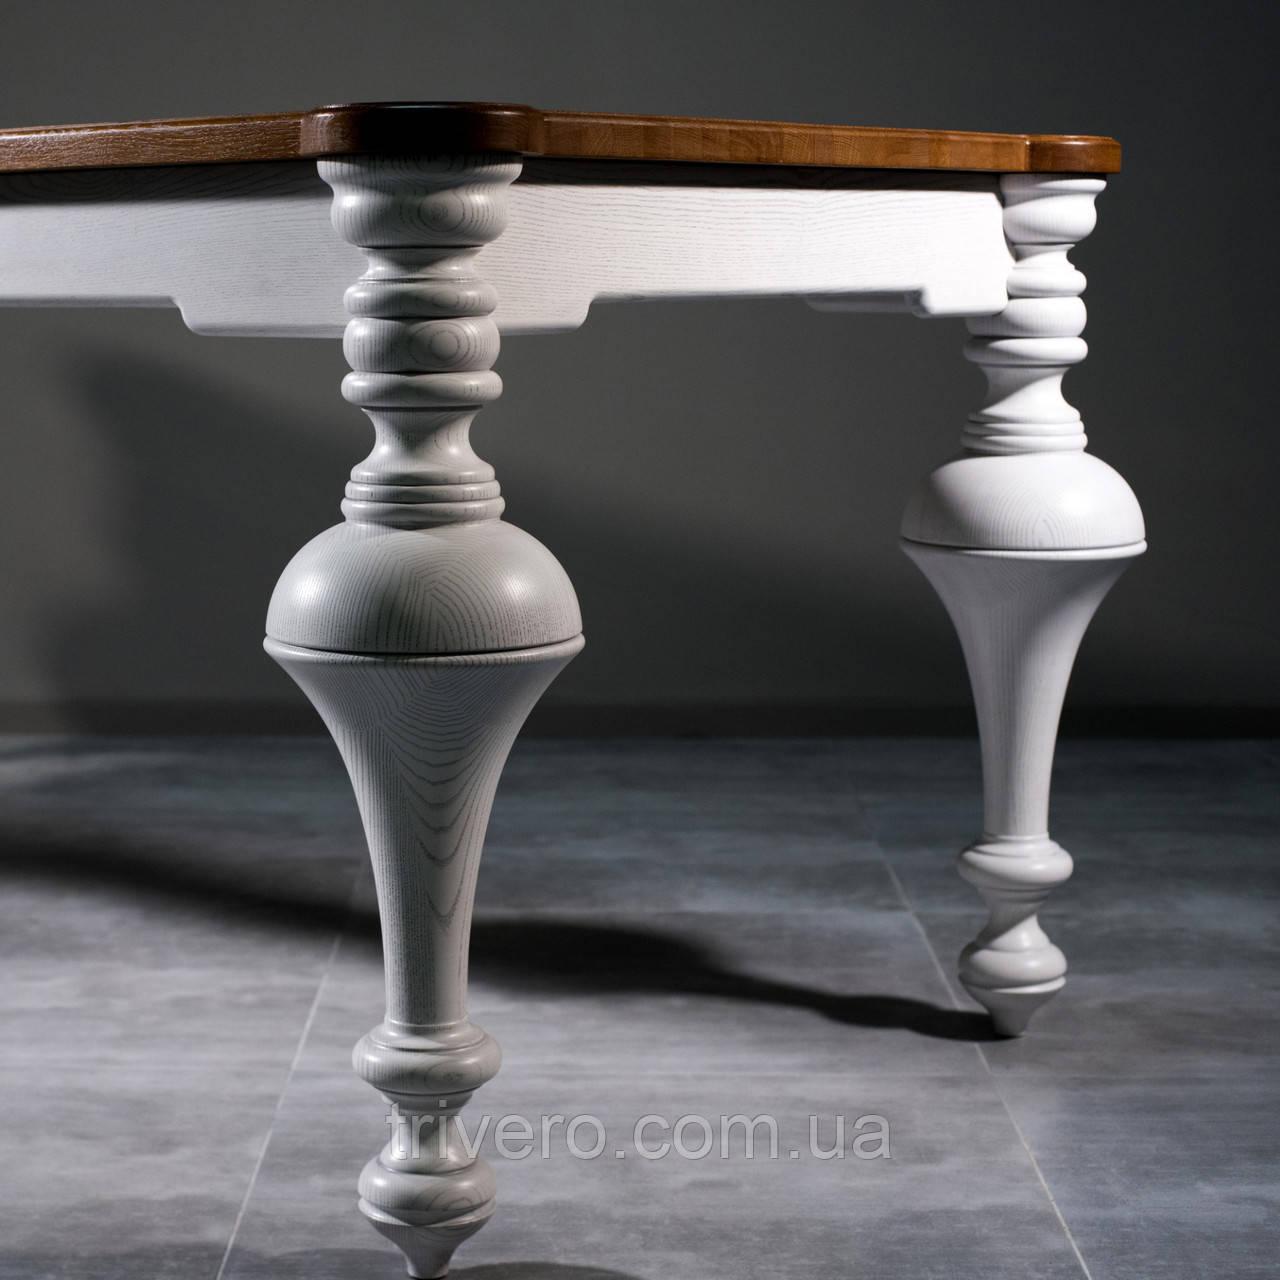 Точені ніжки і опори для столу великого діаметру H. 760 D. 220  /  КОД: Високі - 1